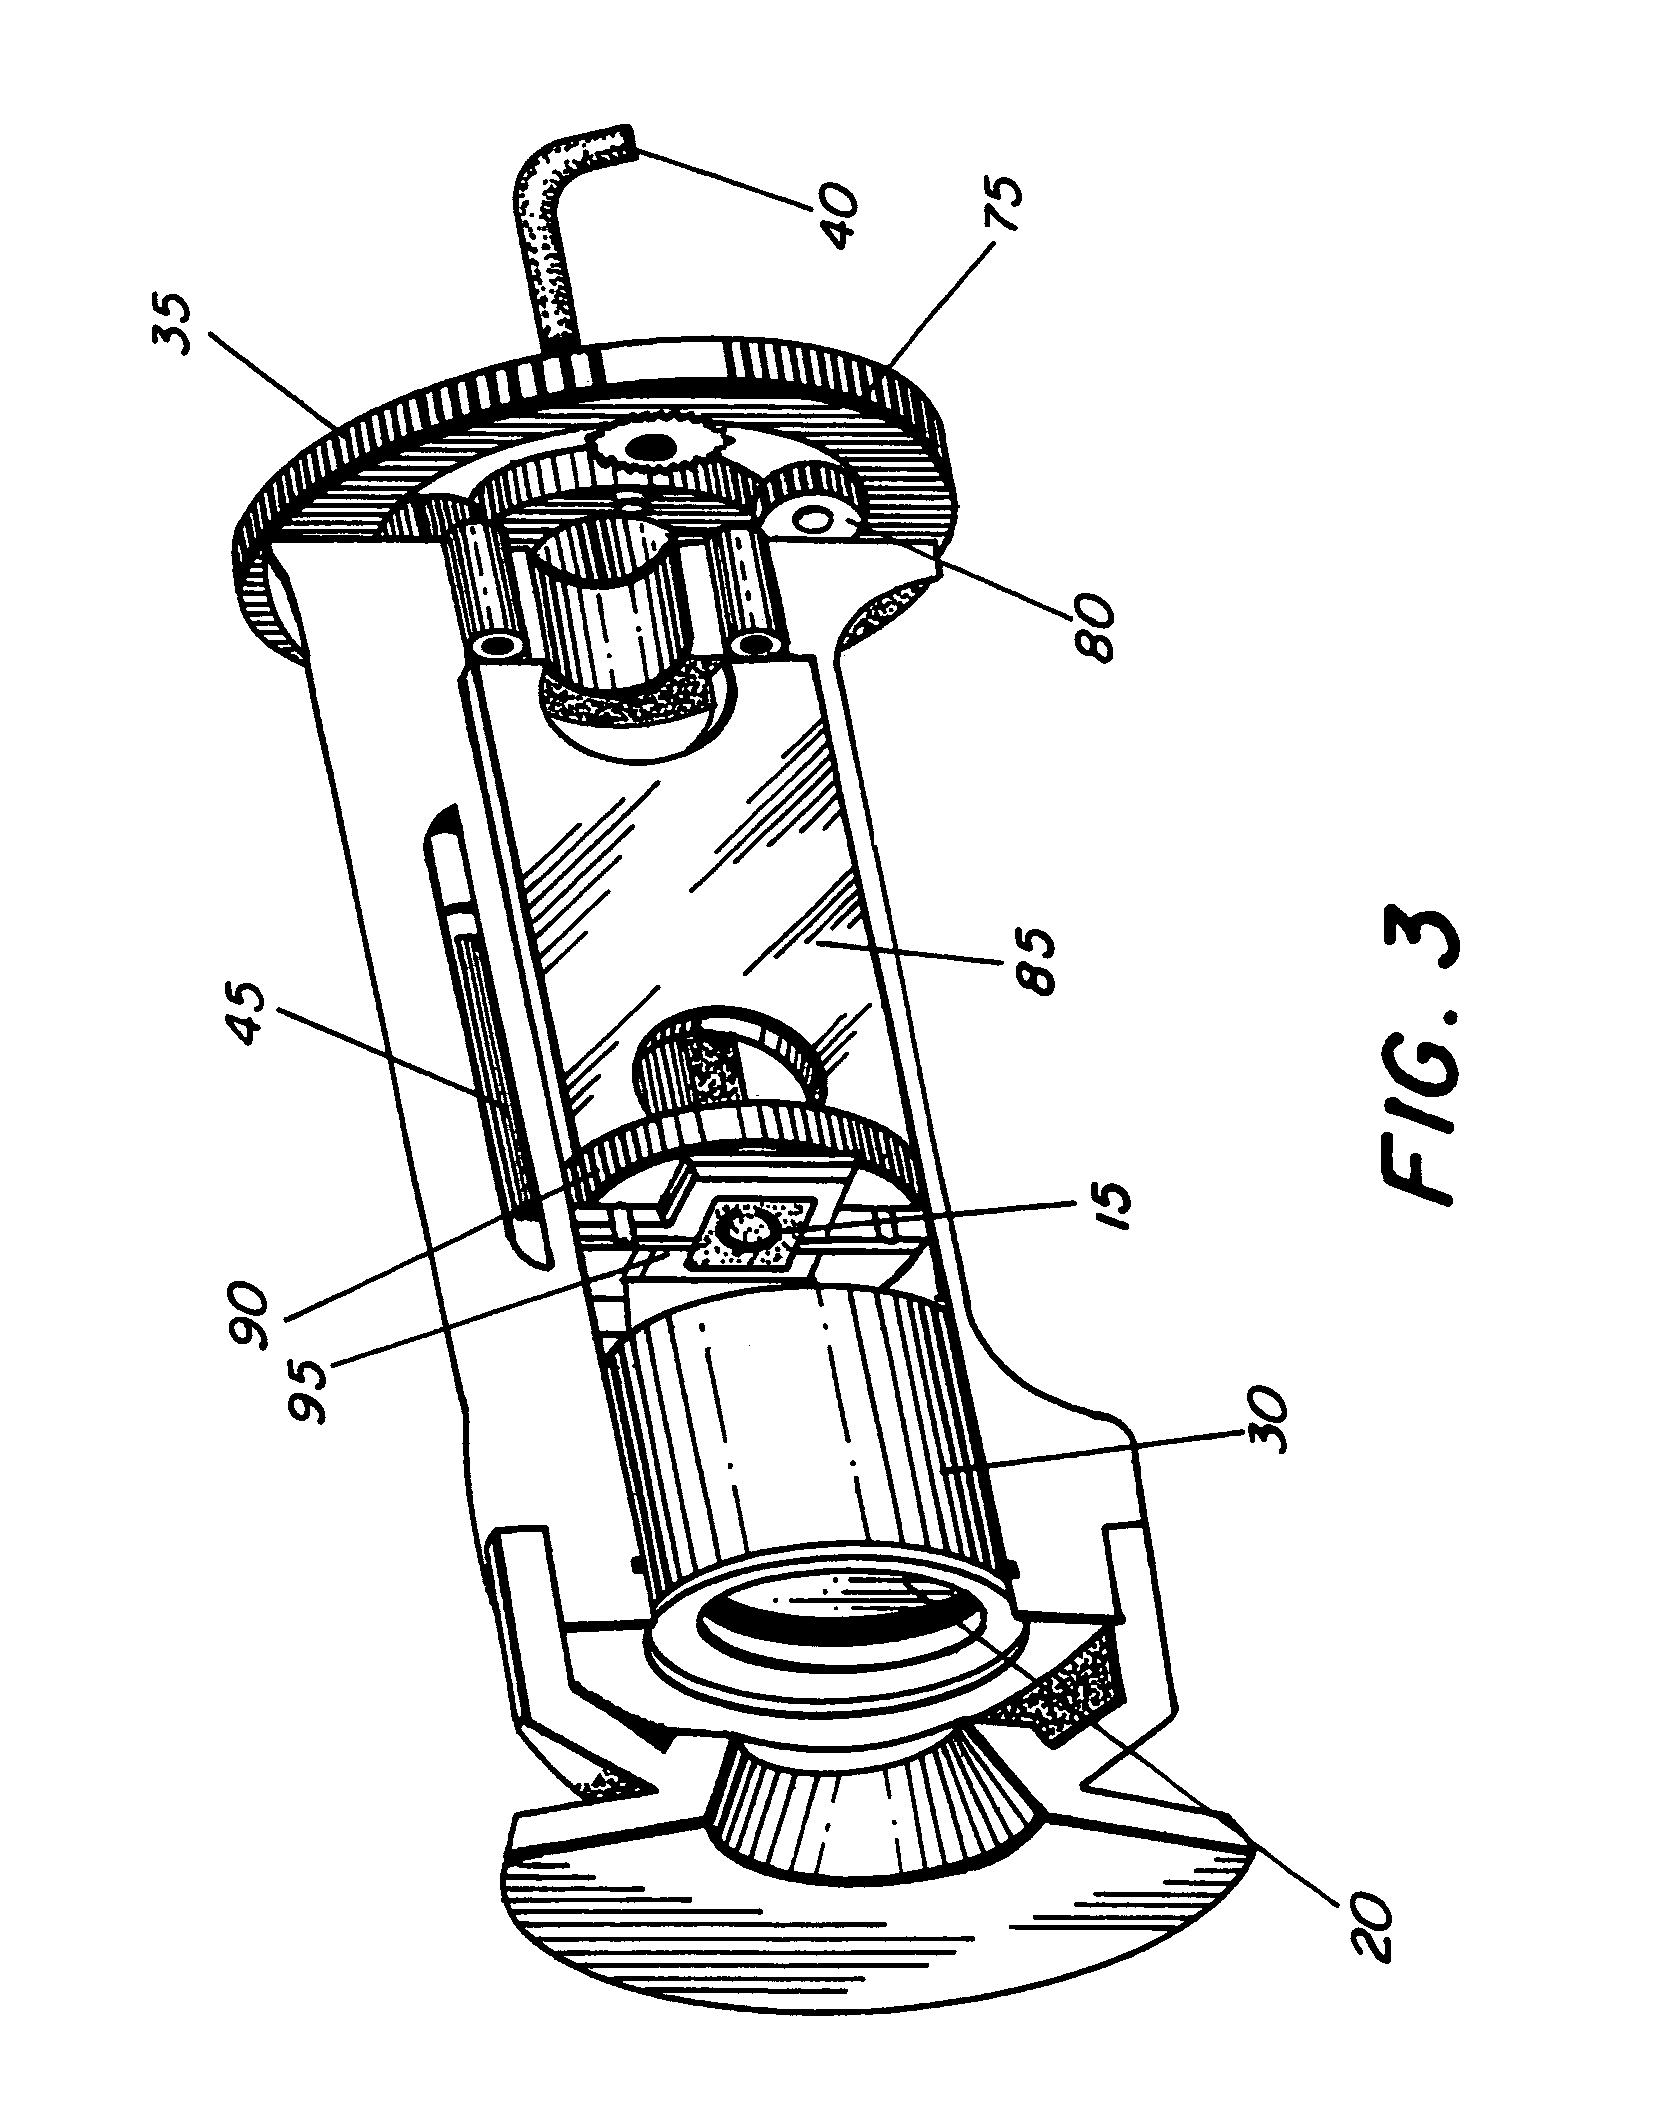 Patent US7501996.